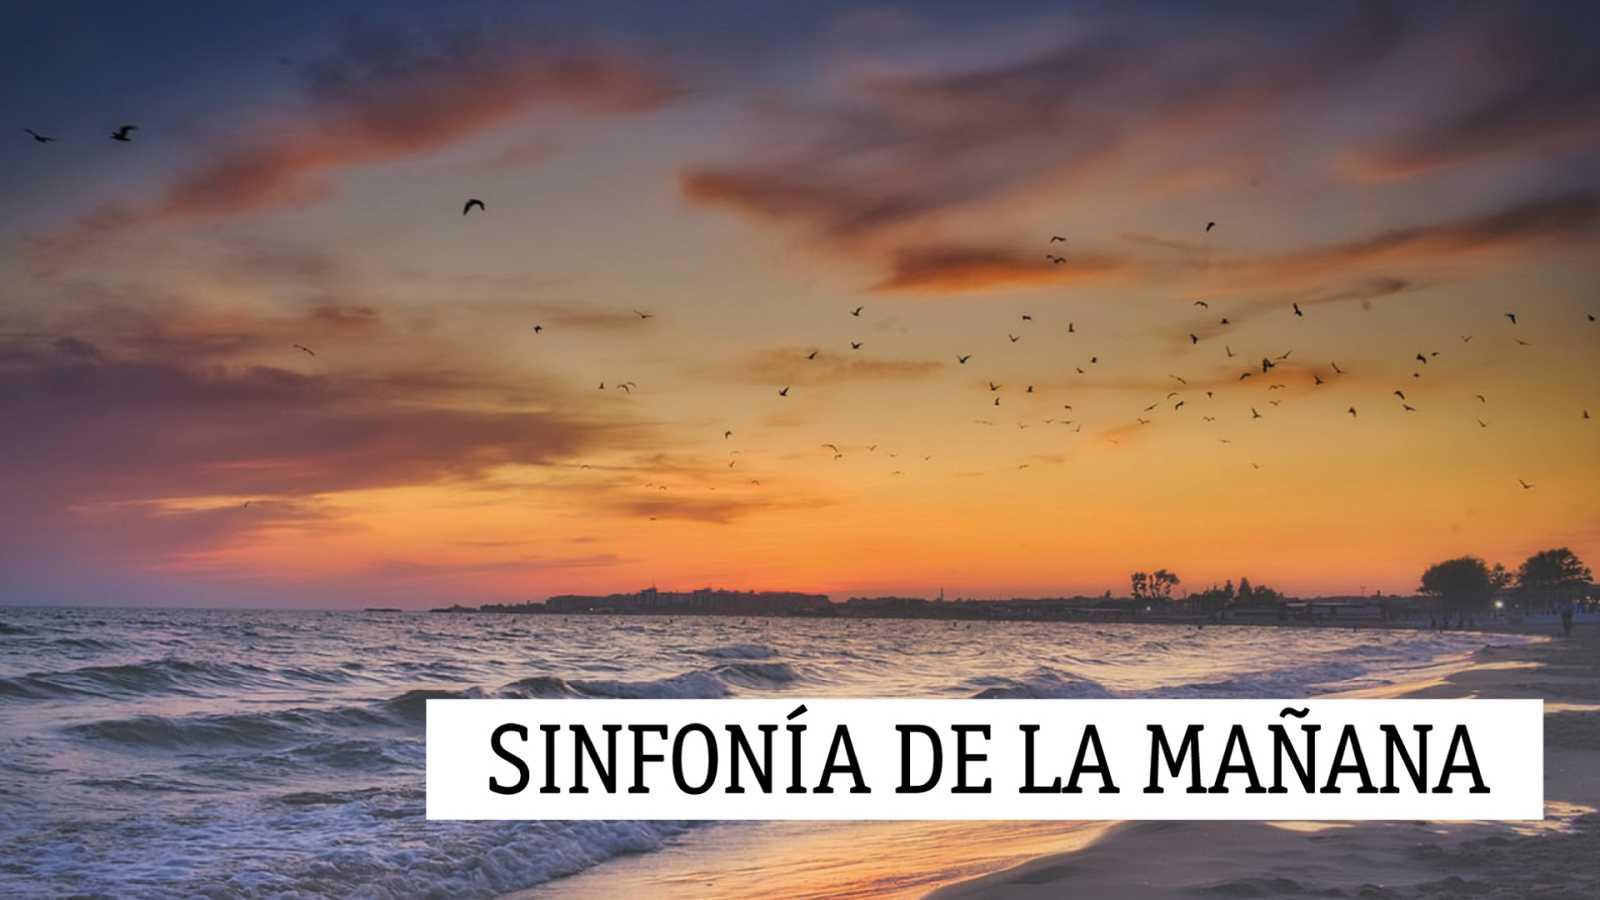 Sinfonía de la mañana - Proust y Joyce (Y la música de Muñoz Molina) - 26/02/21 - escuchar ahora